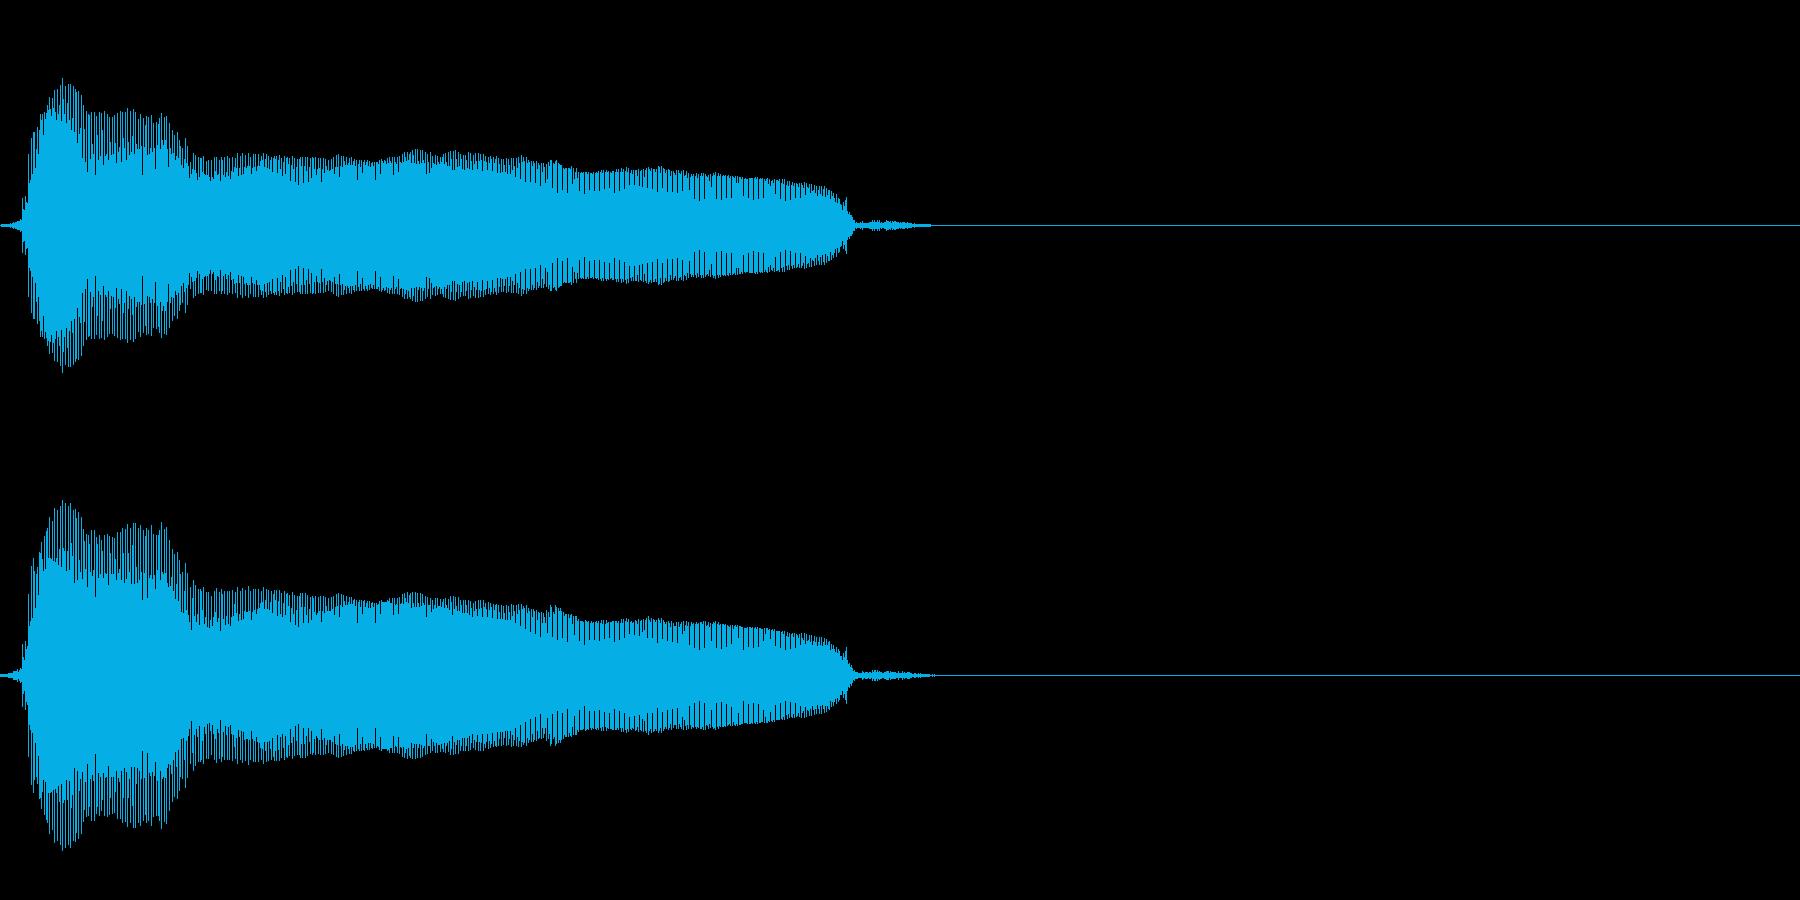 猫の鳴き声(比較的癖のない声)の再生済みの波形